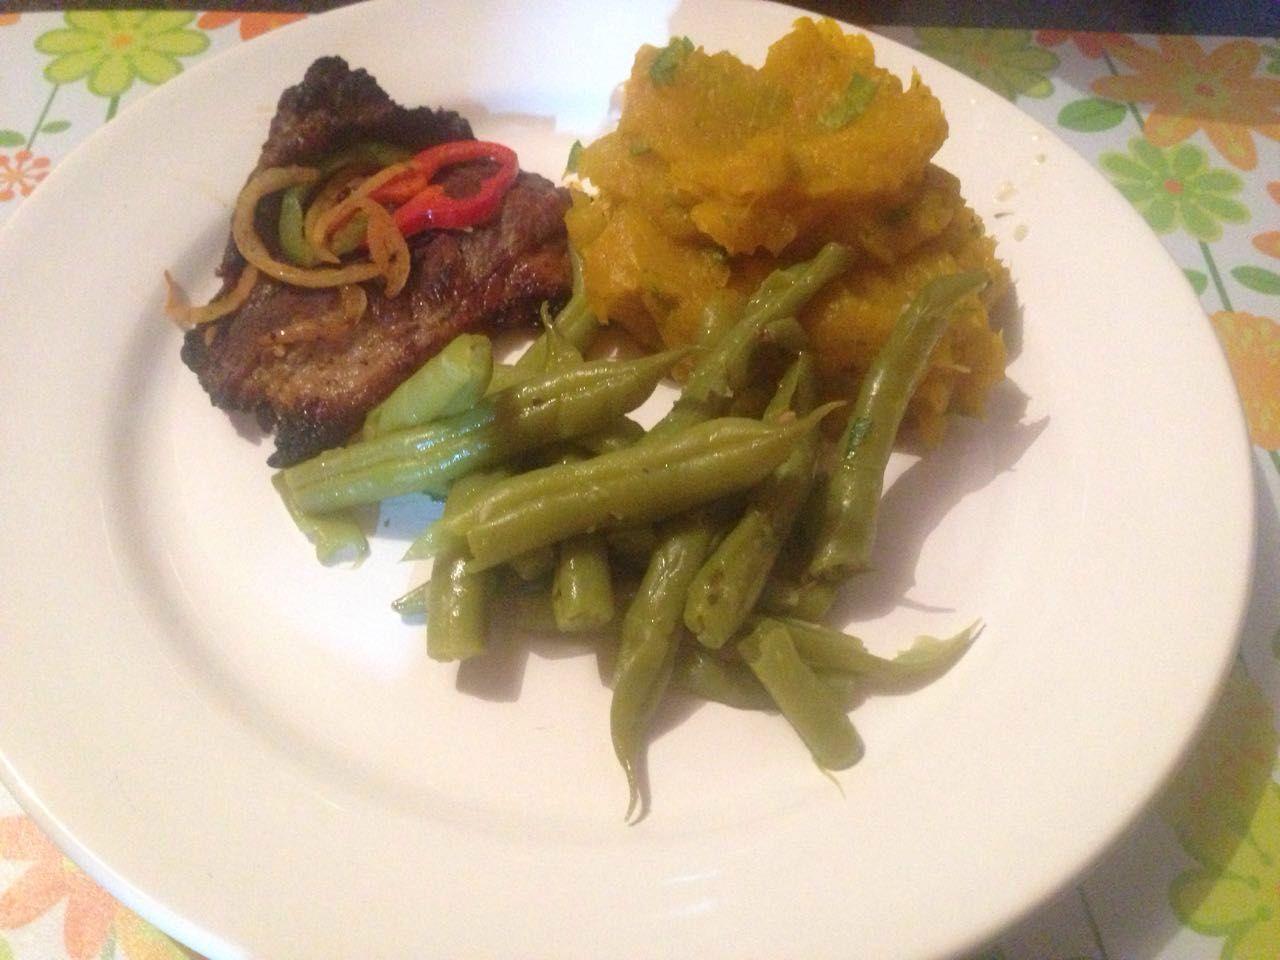 Purê de abóbora Vargem & filé bovino grelhado  #lifestyle #vidasaudável #food